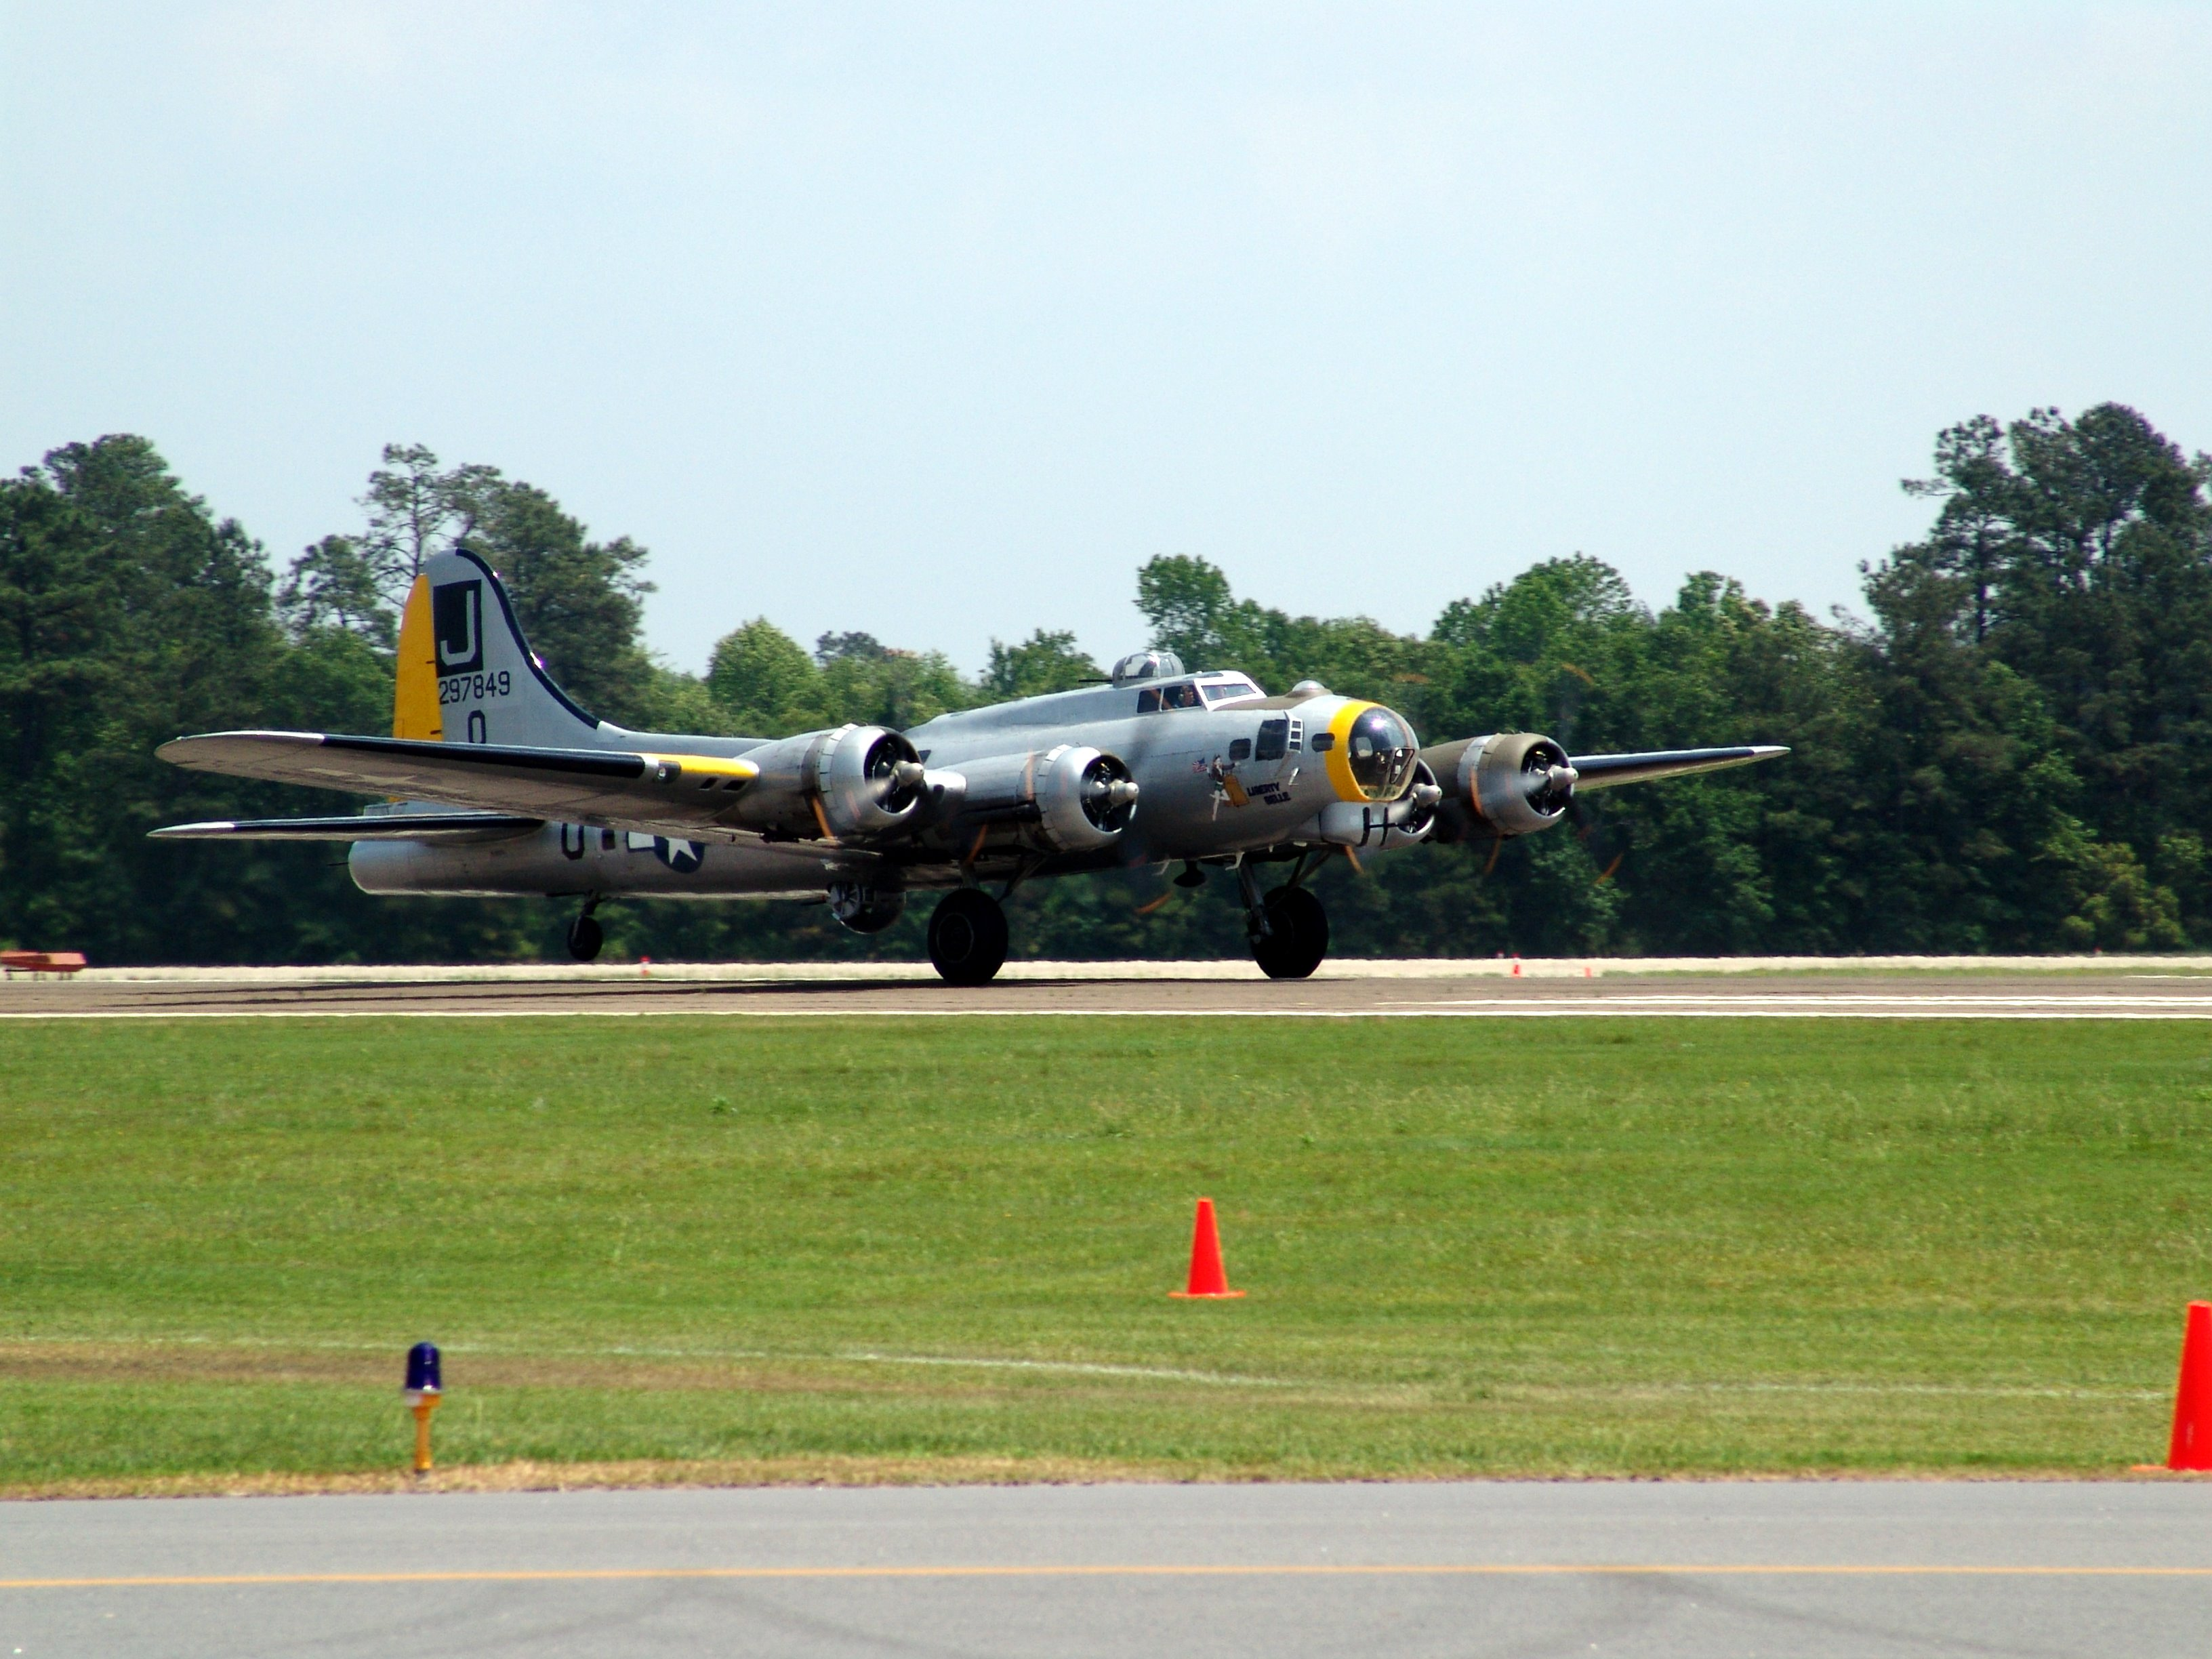 Liberty Belle (aircraft) - Wikipedia